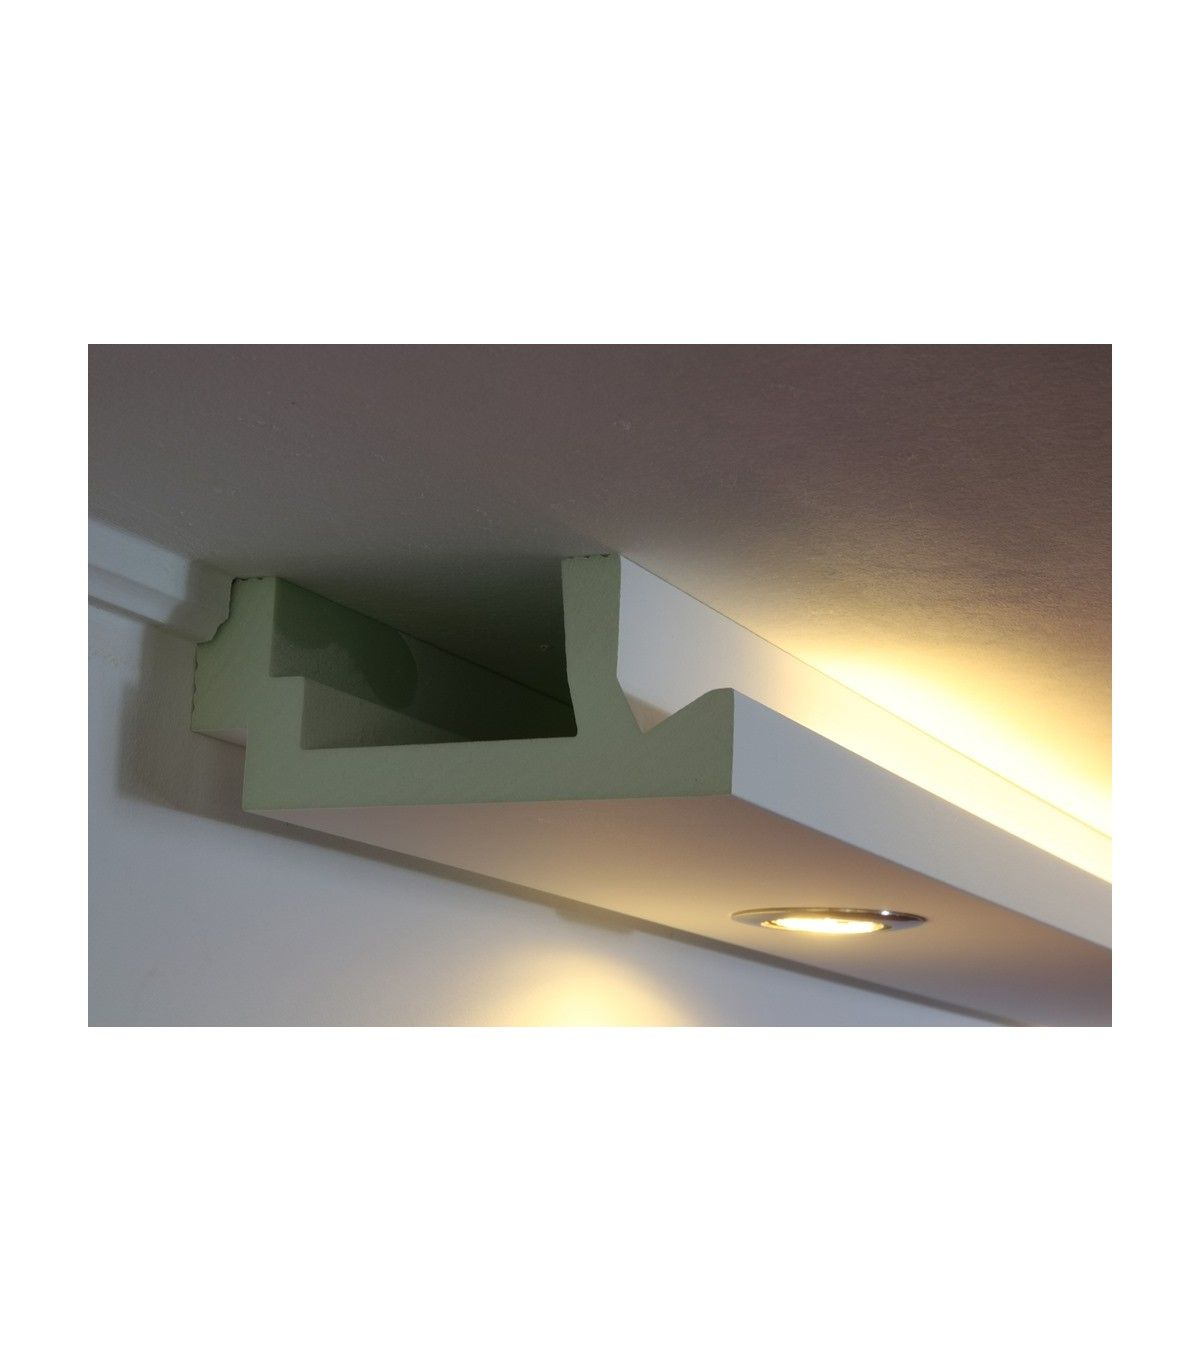 Profilmasse 200 X 82 X 1180mm Bxhxl Premium Ausfuhrung Stuckleiste Ist Weiss Grundiert Und Beschichte Beleuchtung Indirekte Beleuchtung Deckenbeleuchtung